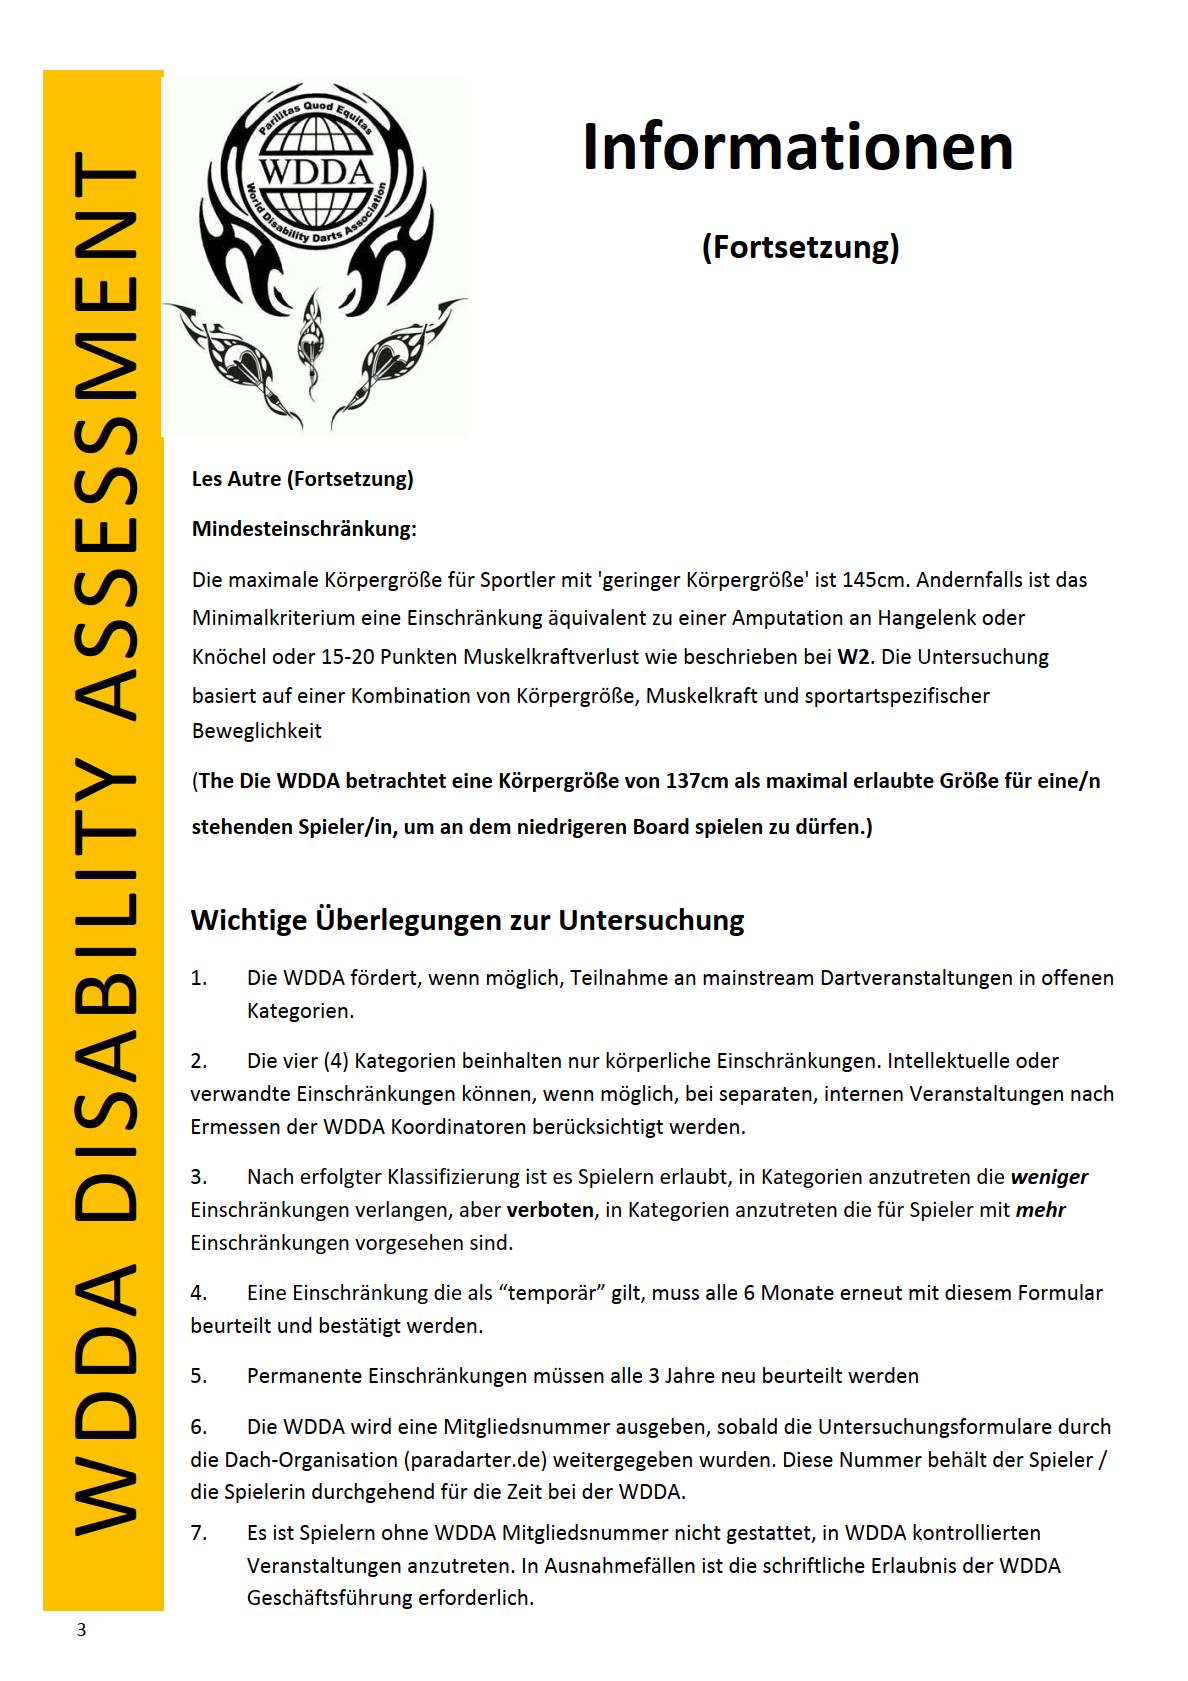 WDDA Formular seite 3